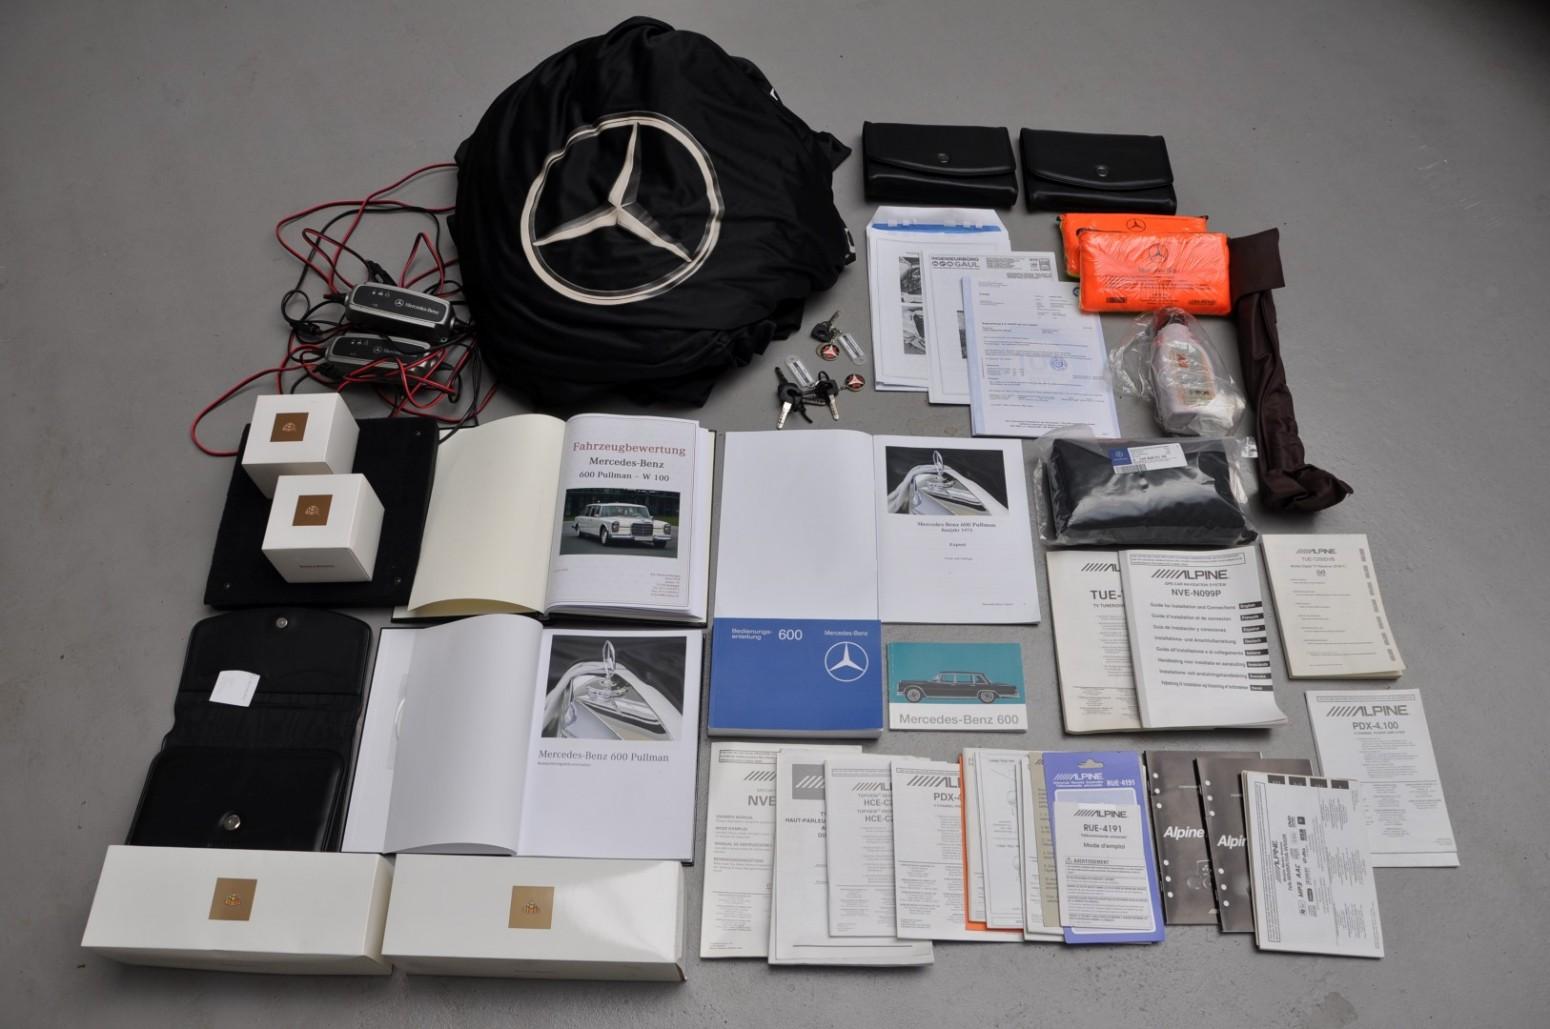 Mercedes-Benz 600 Pullman docs